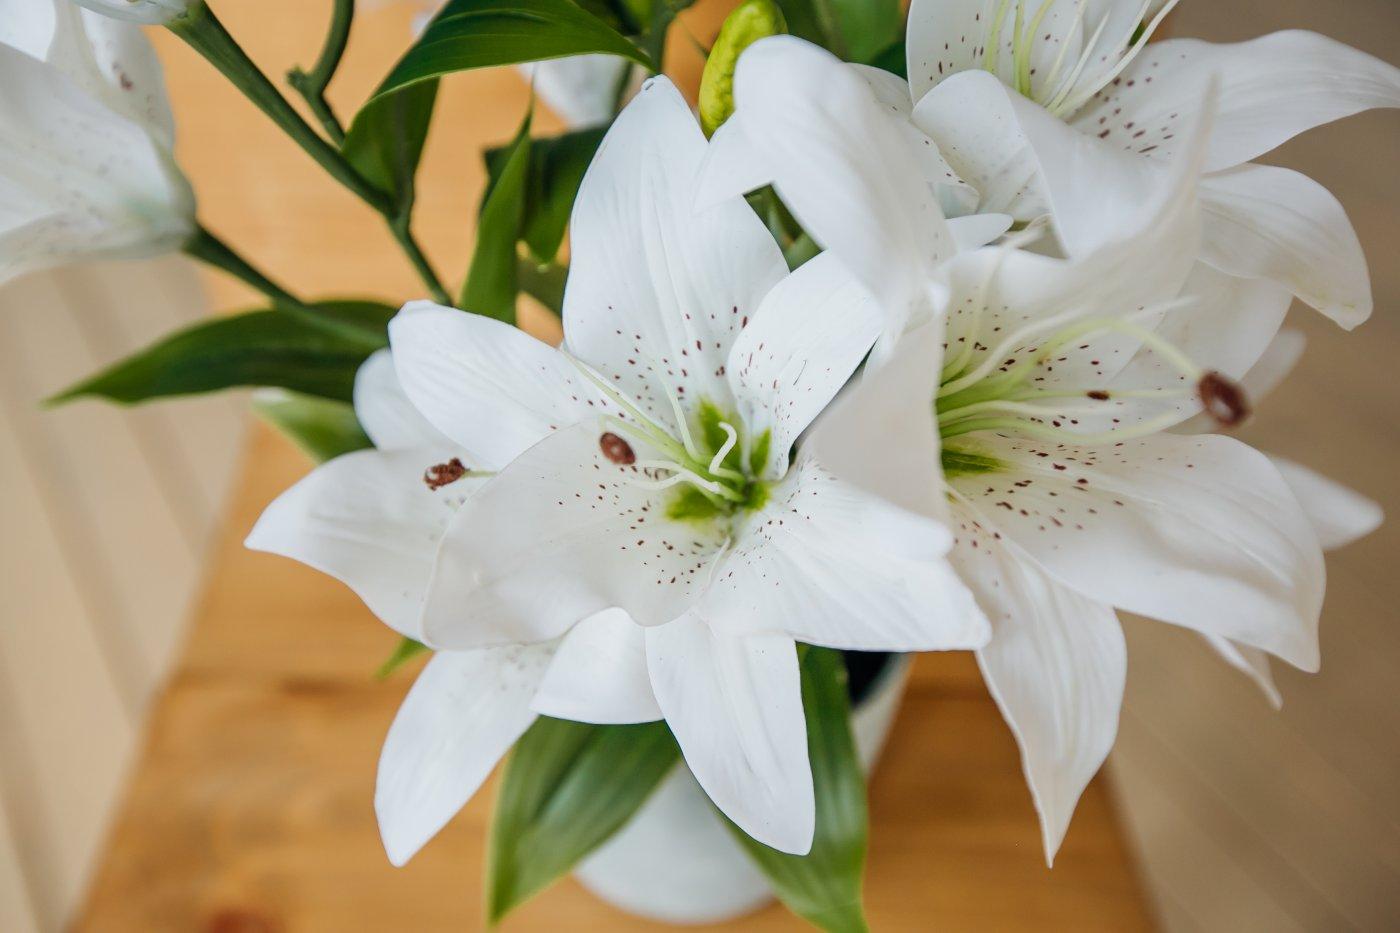 Комнатные цветы лилия фото с названиями